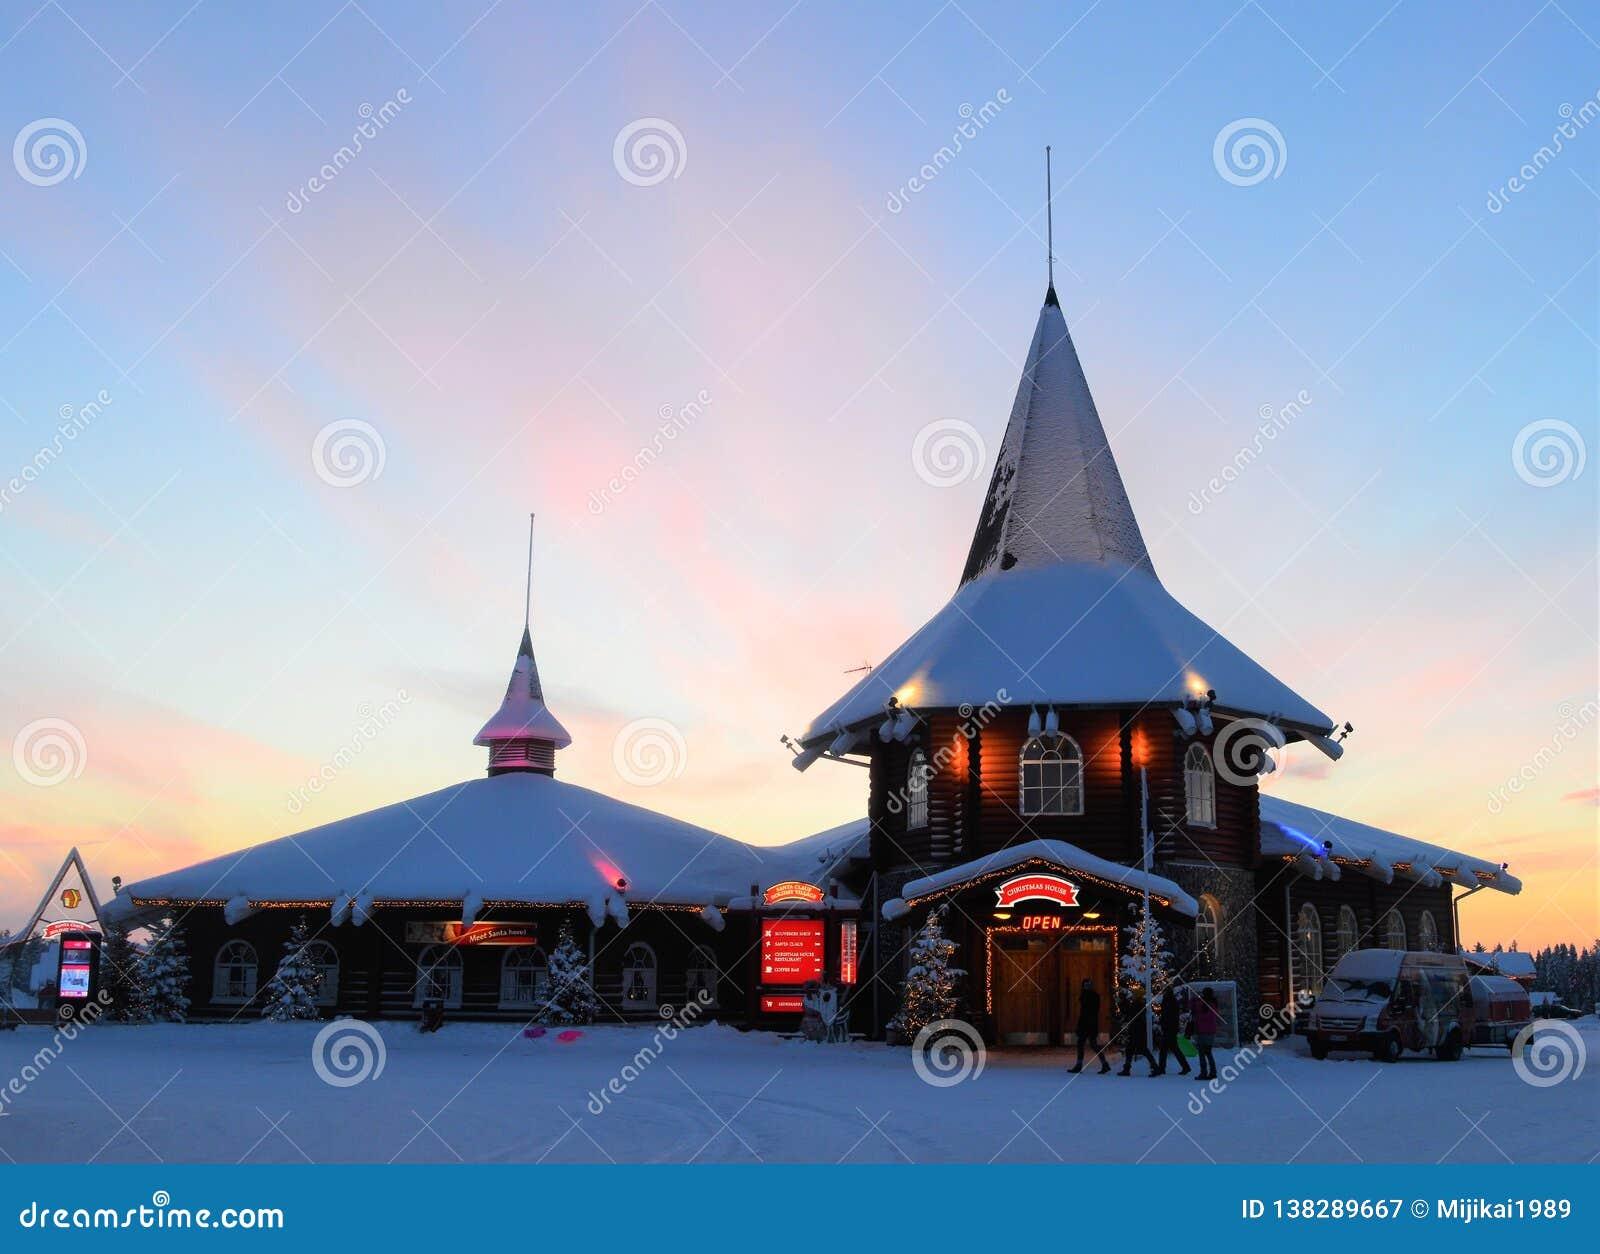 Αρκτικός κύκλος Napapiiri, Ροβανιέμι Φινλανδία Χωριό Άγιου Βασίλη